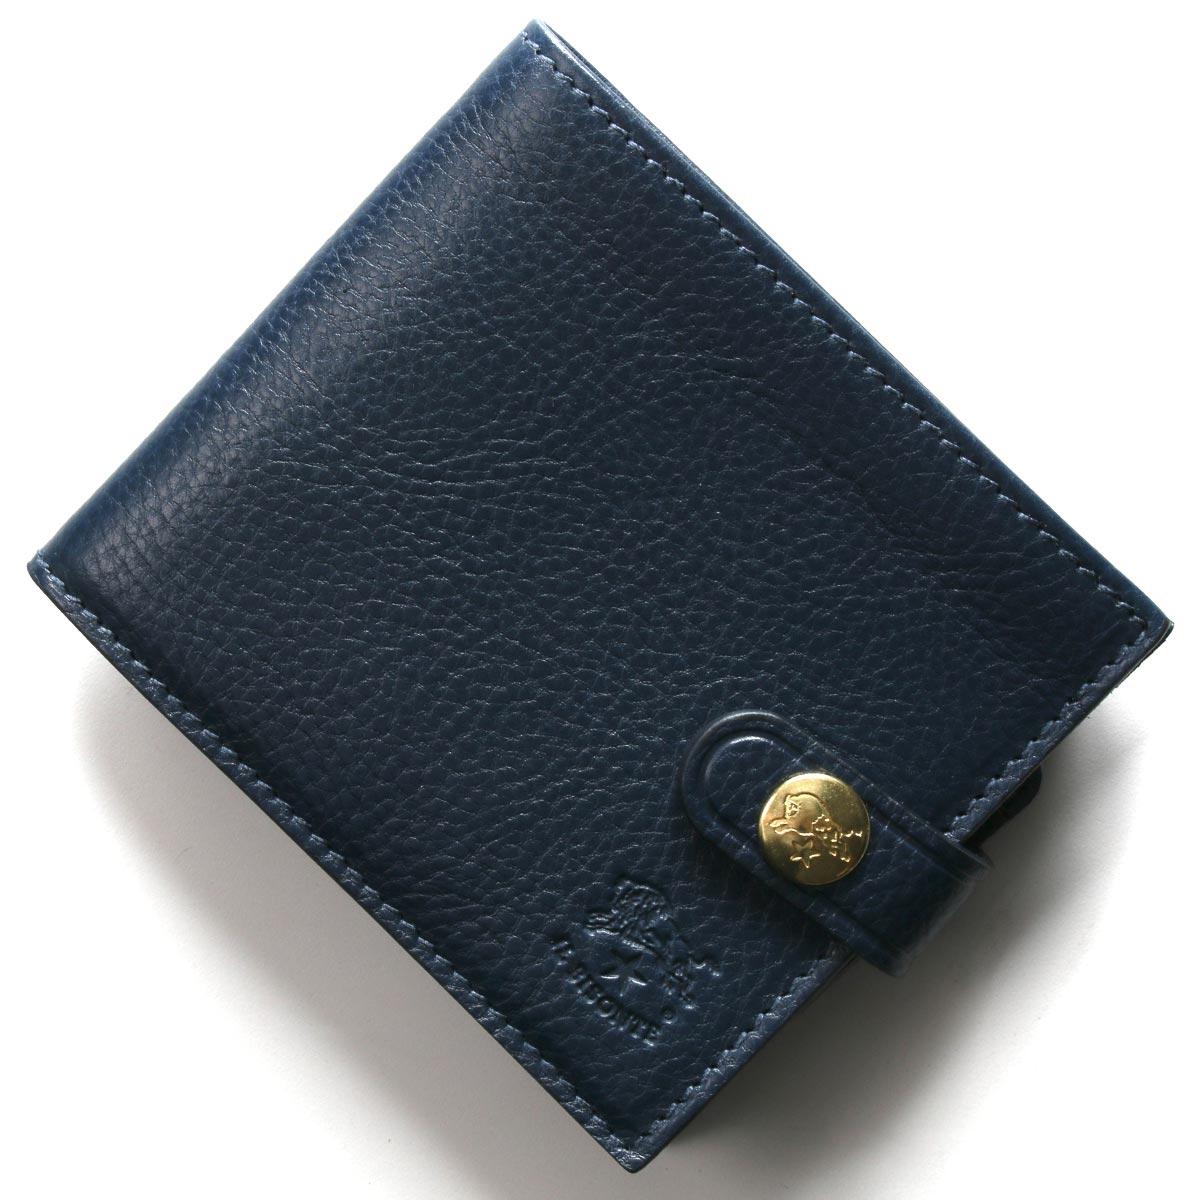 イルビゾンテ 二つ折り財布 財布 メンズ レディース スタンダード ブルー C1007 P 866 IL BISONTE